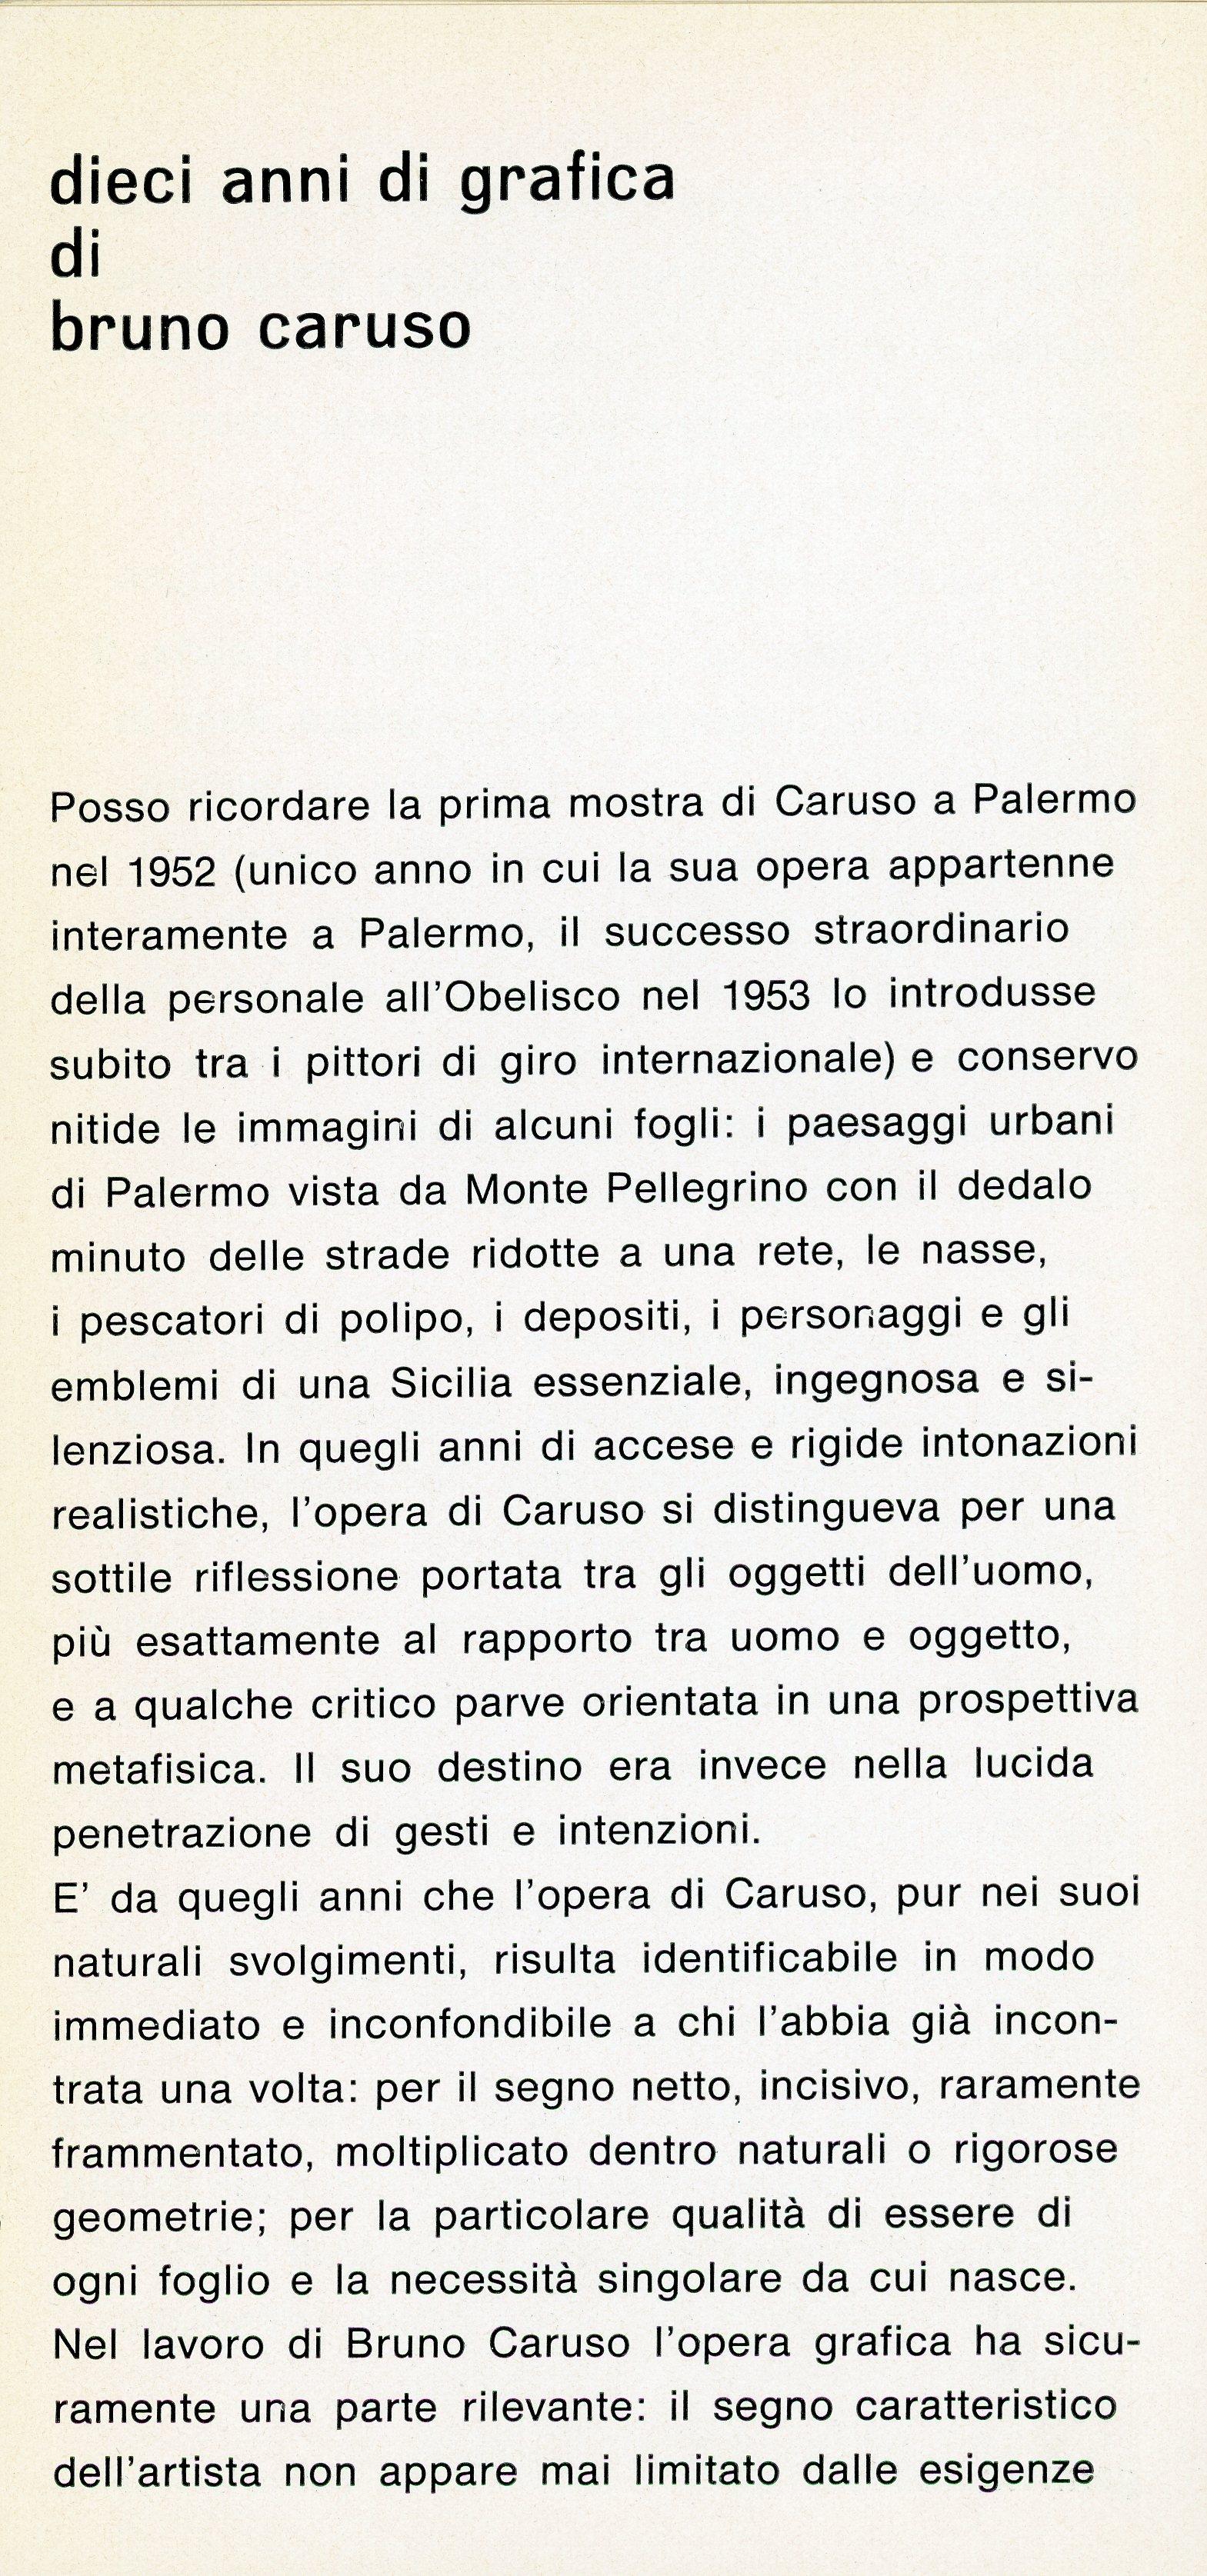 1967-02 Galleria 32 - Bruno Caruso_03.jpg